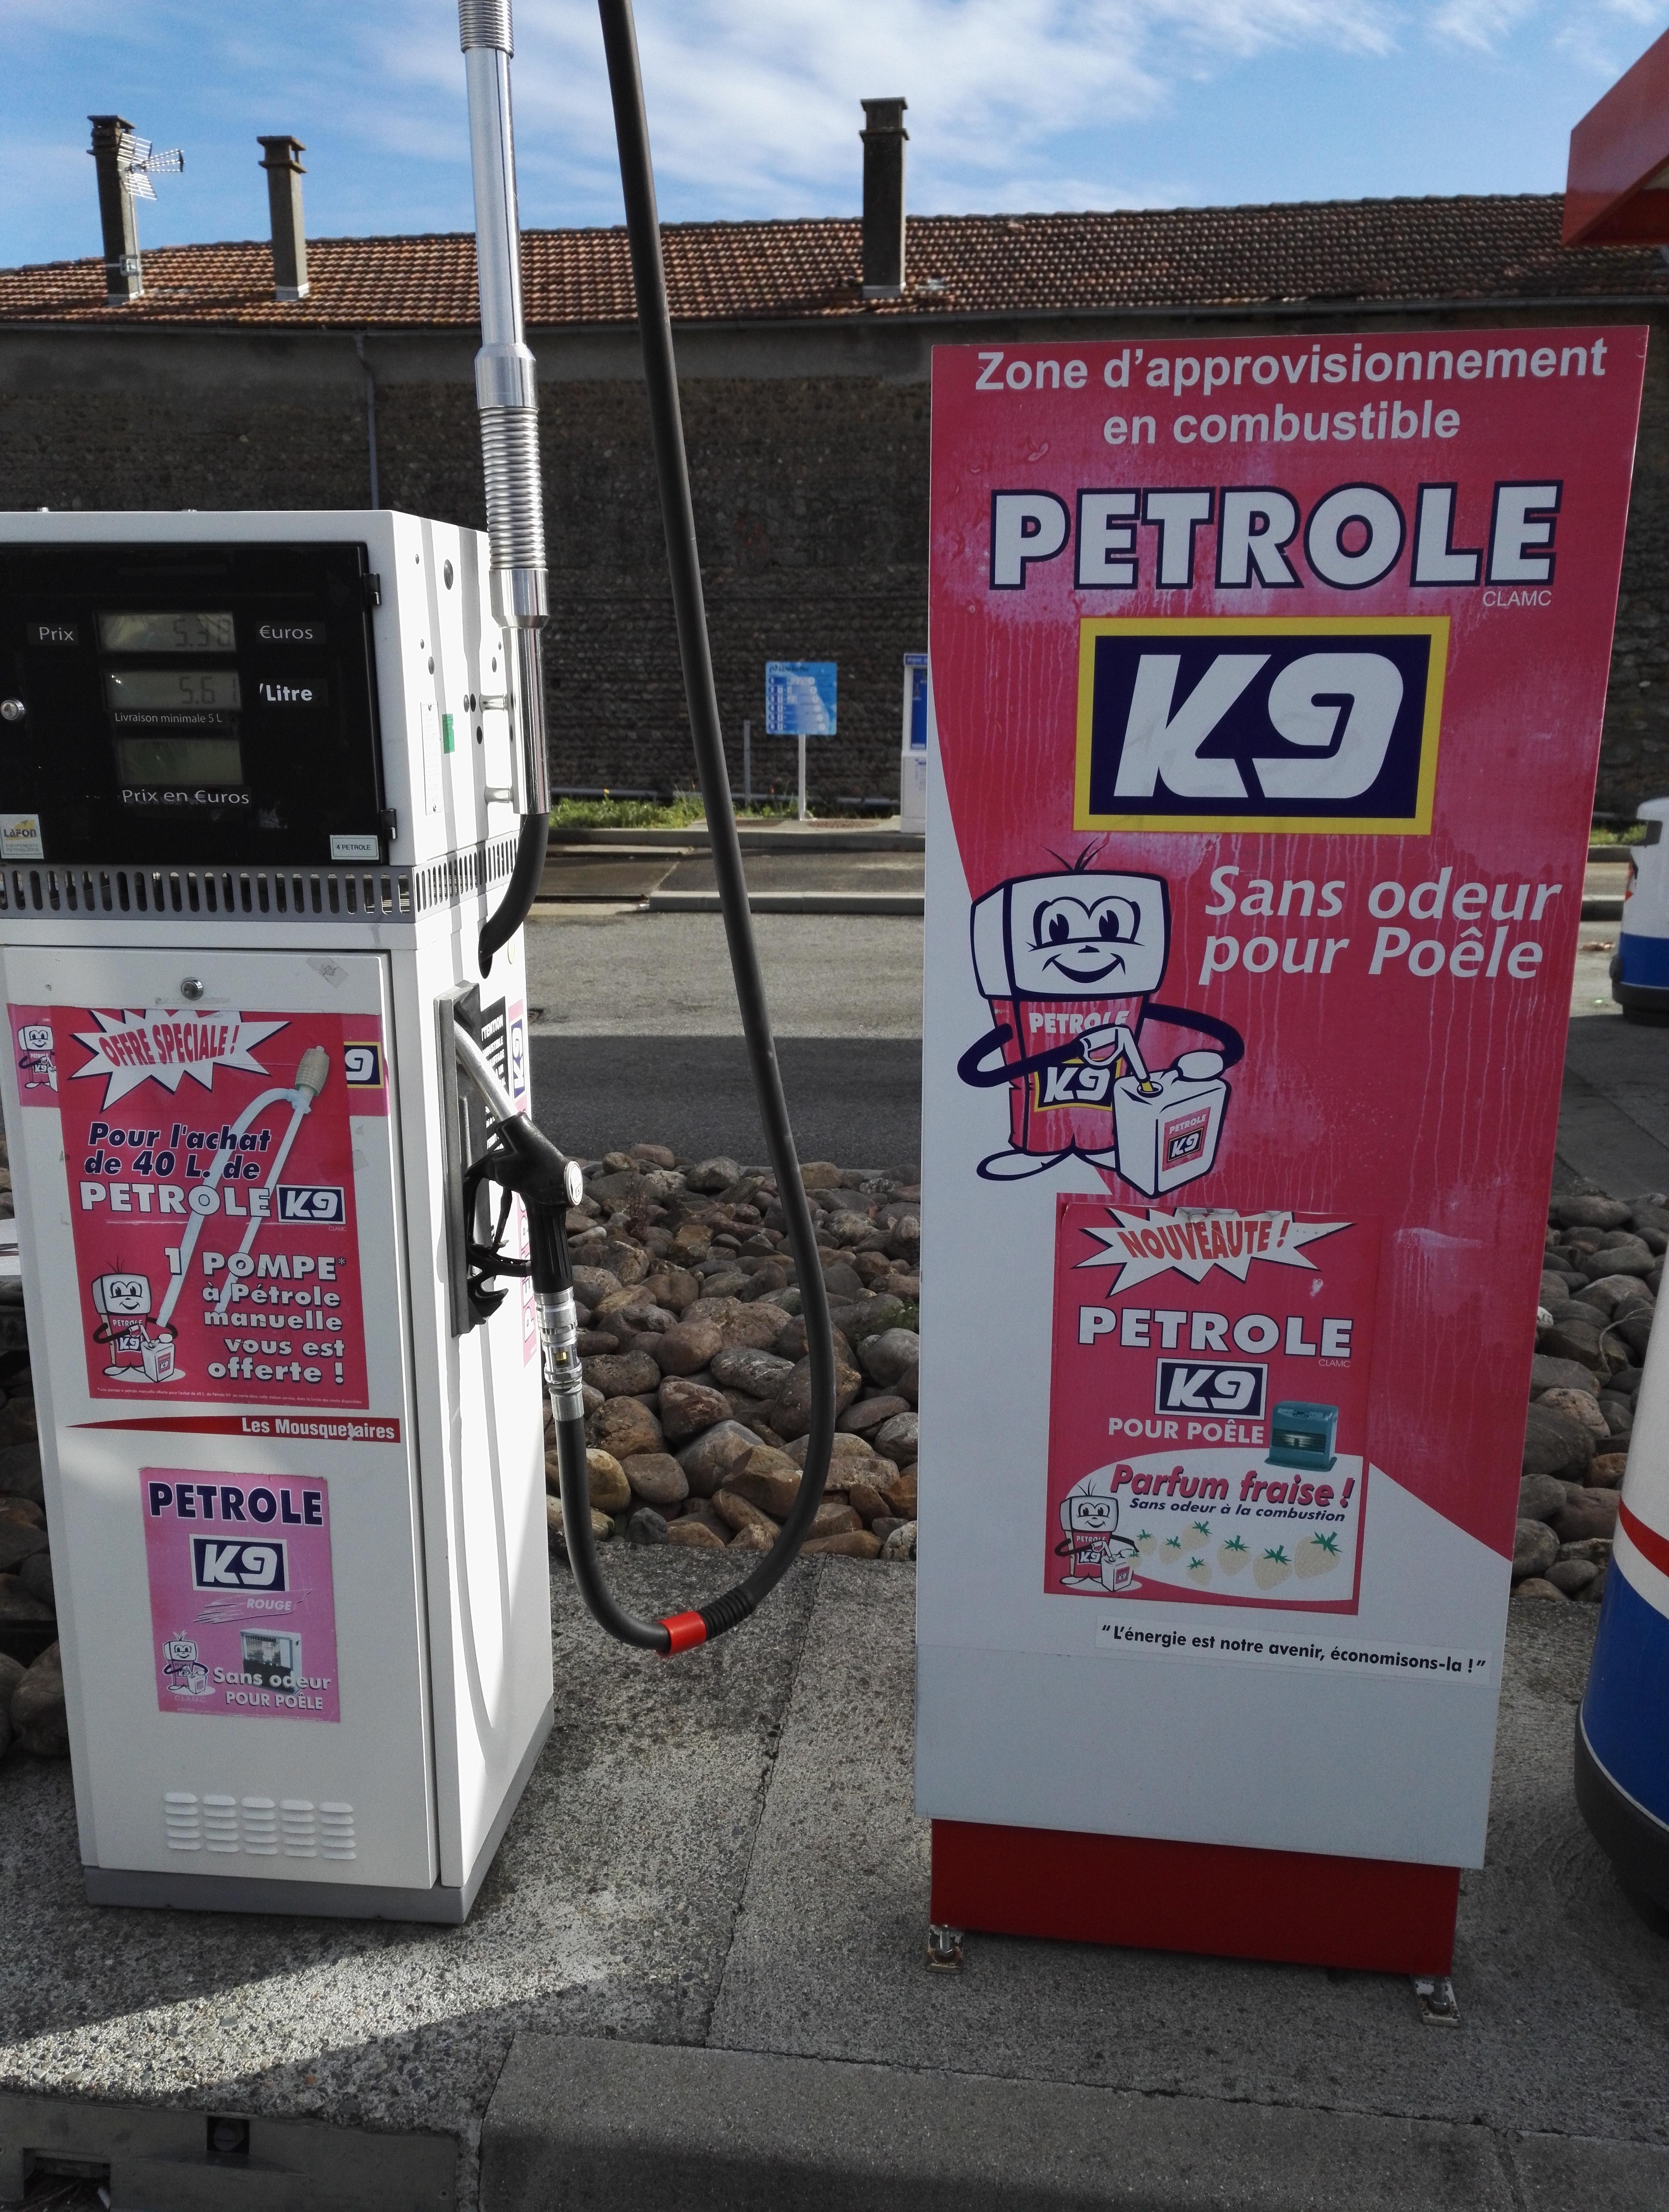 Combustible Pour Poele à Pétrole Ptx 2000 20l Dealabscom